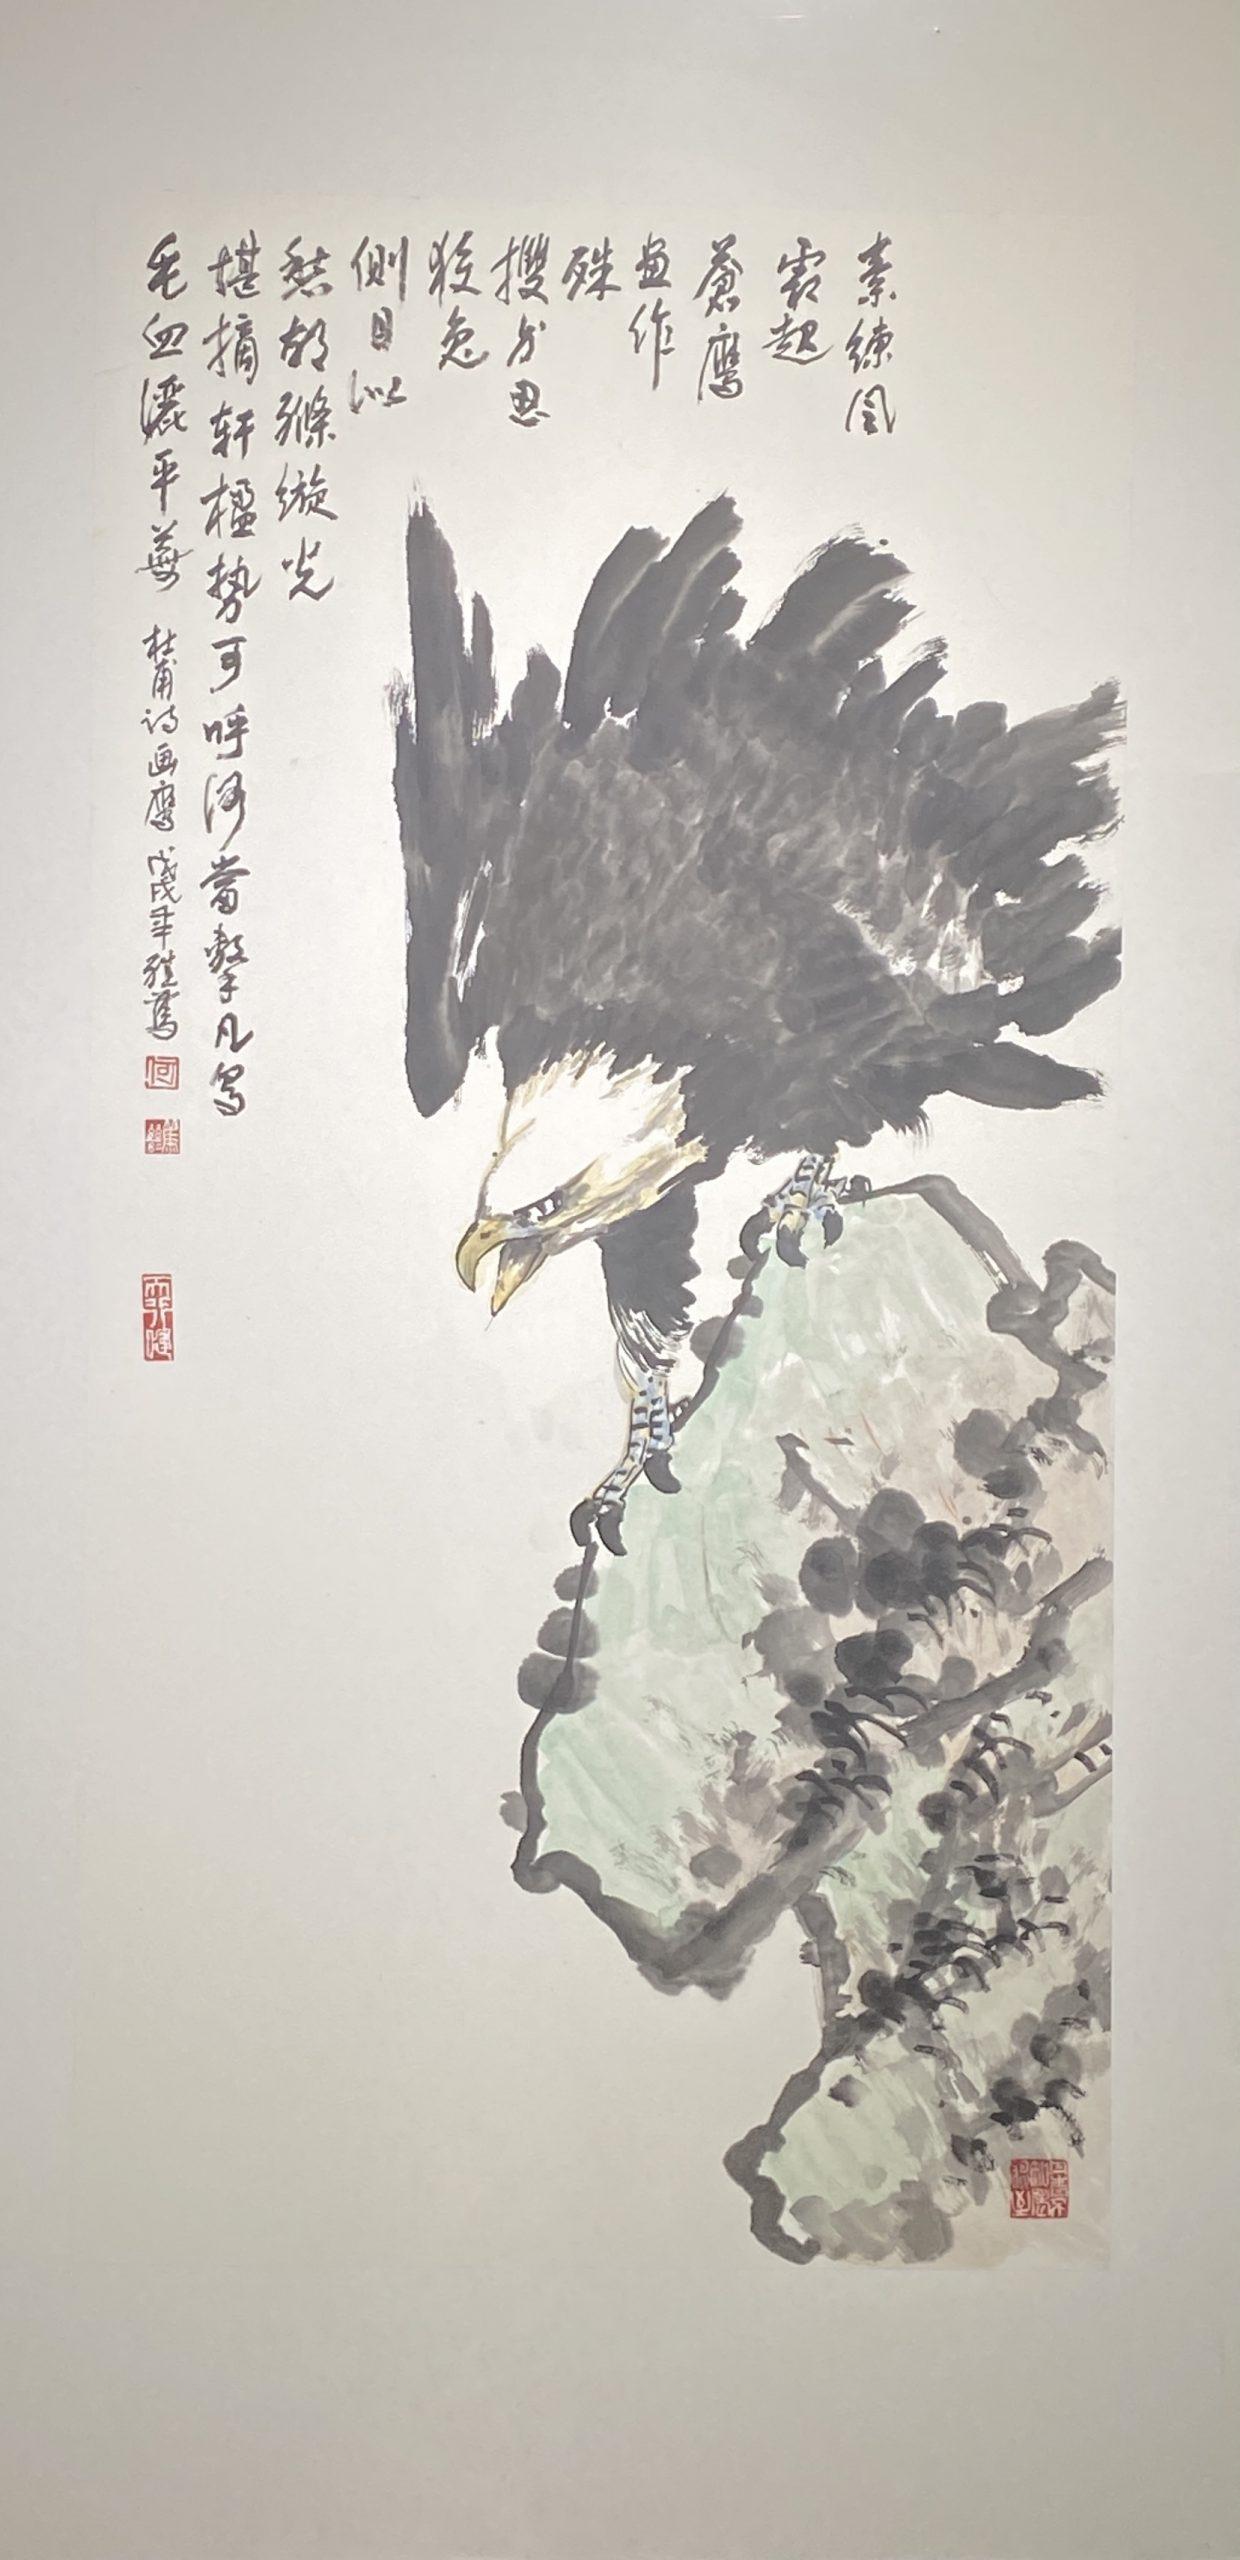 素練風露-2018-中国画-137×70cm-「丹青を振りかけ、詩情を送る-何継篤個人書画展」成都市美術館